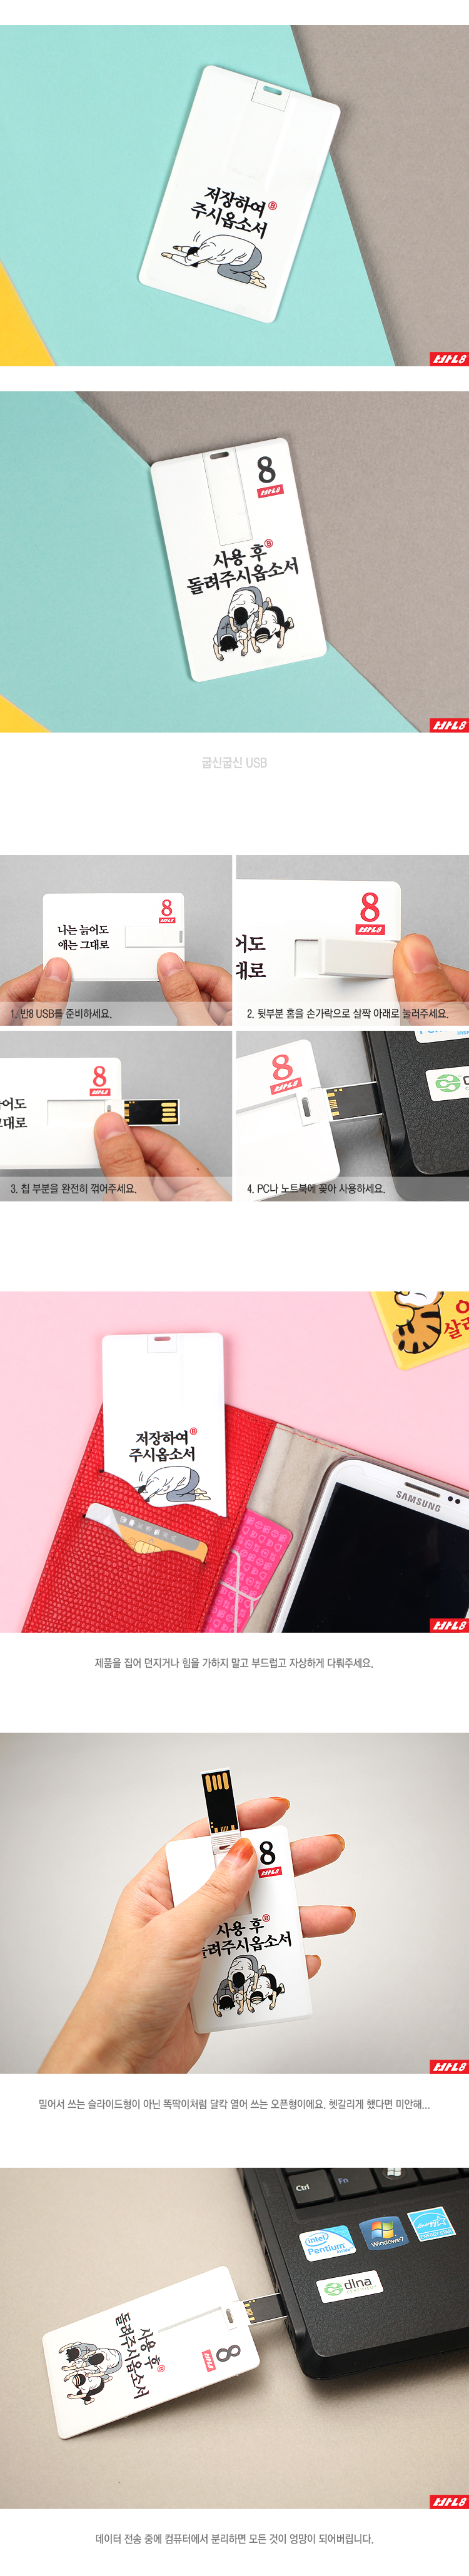 반8 굽신굽신 USB19,800원-반8디지털, USB/저장장치, USB 카드형, USB 8G이하바보사랑반8 굽신굽신 USB19,800원-반8디지털, USB/저장장치, USB 카드형, USB 8G이하바보사랑